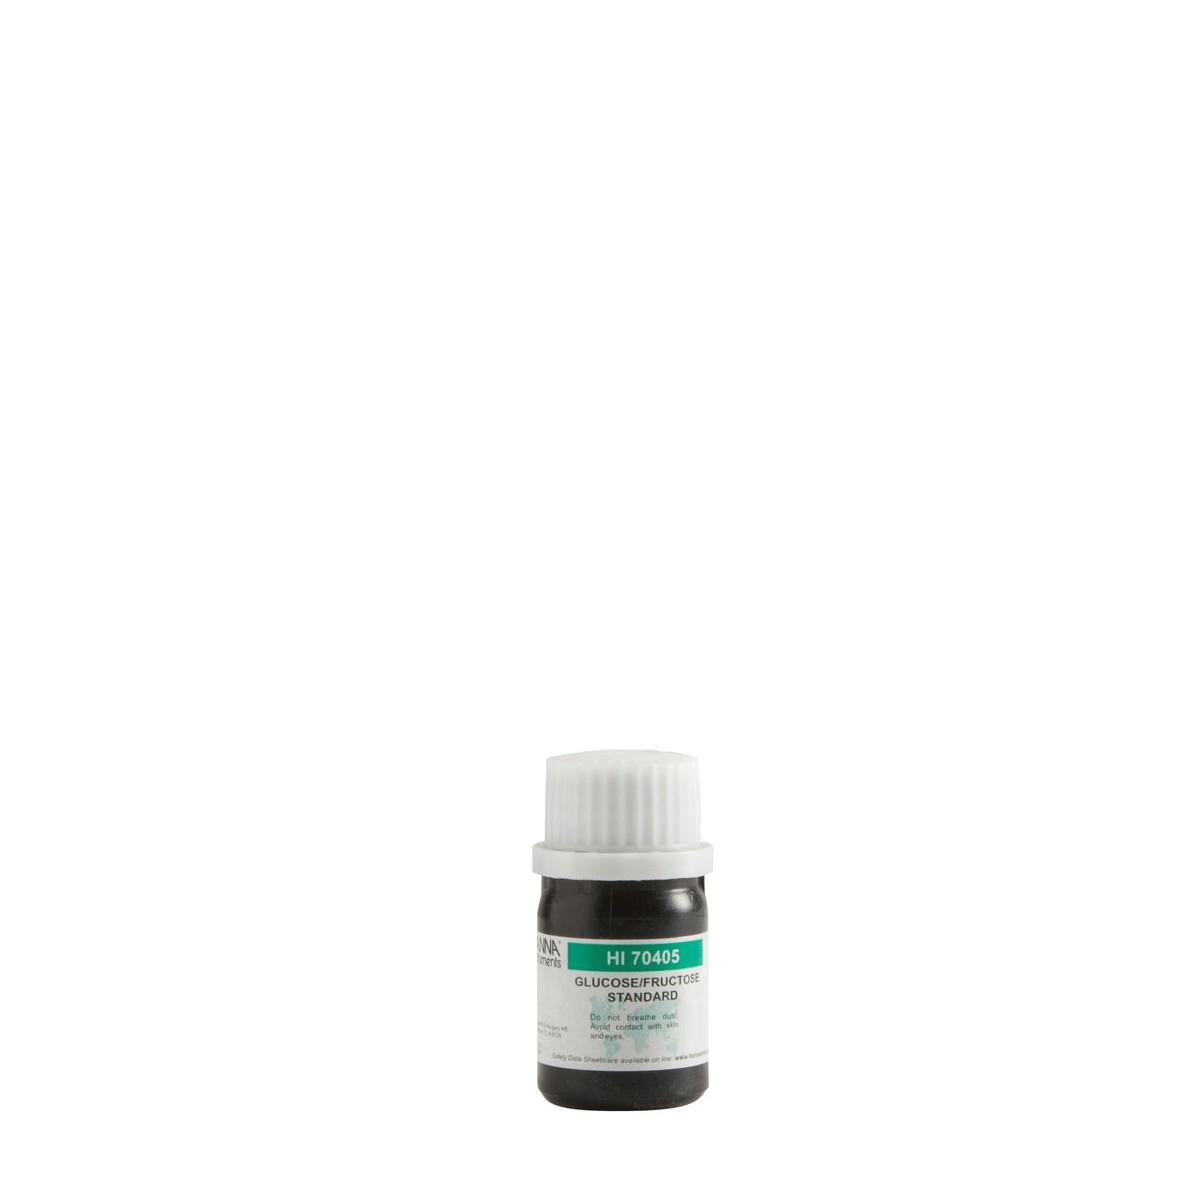 Standard de glucoză/ fructoză, 20 g - HI70405